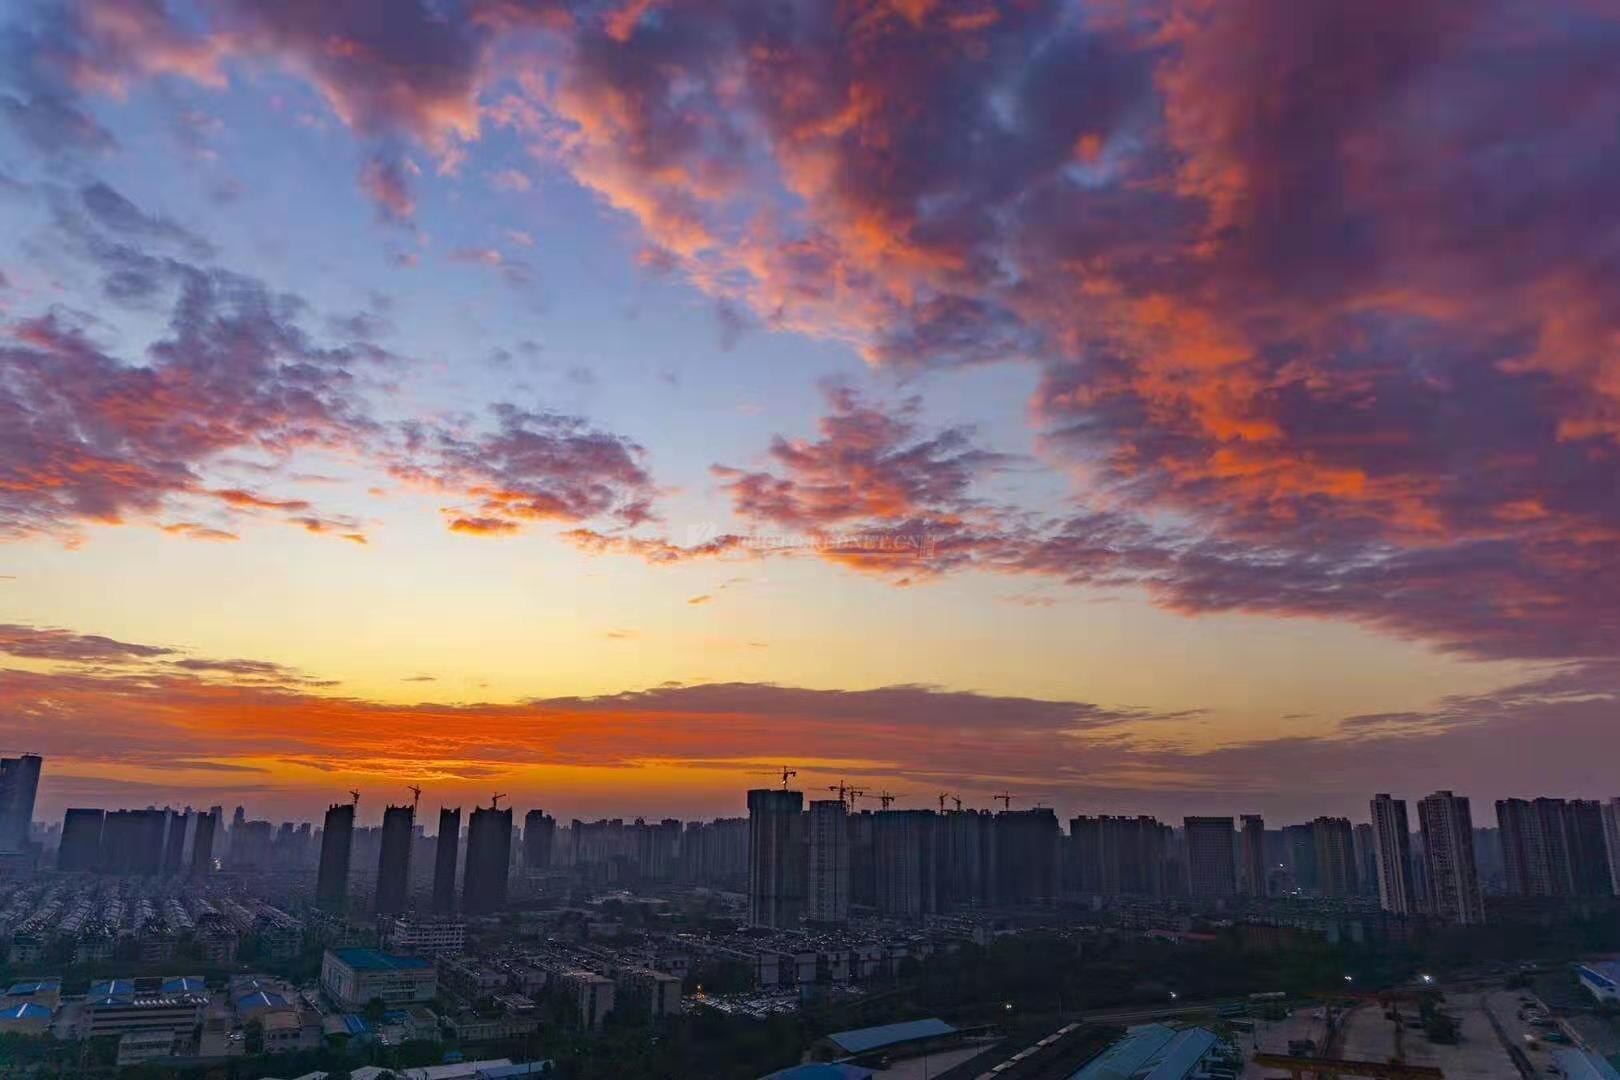 10月22日清晨,长沙朝霞满天,映红了半边天际,大自然鬼斧神功的雕琢如梦似幻。(图/吴非)